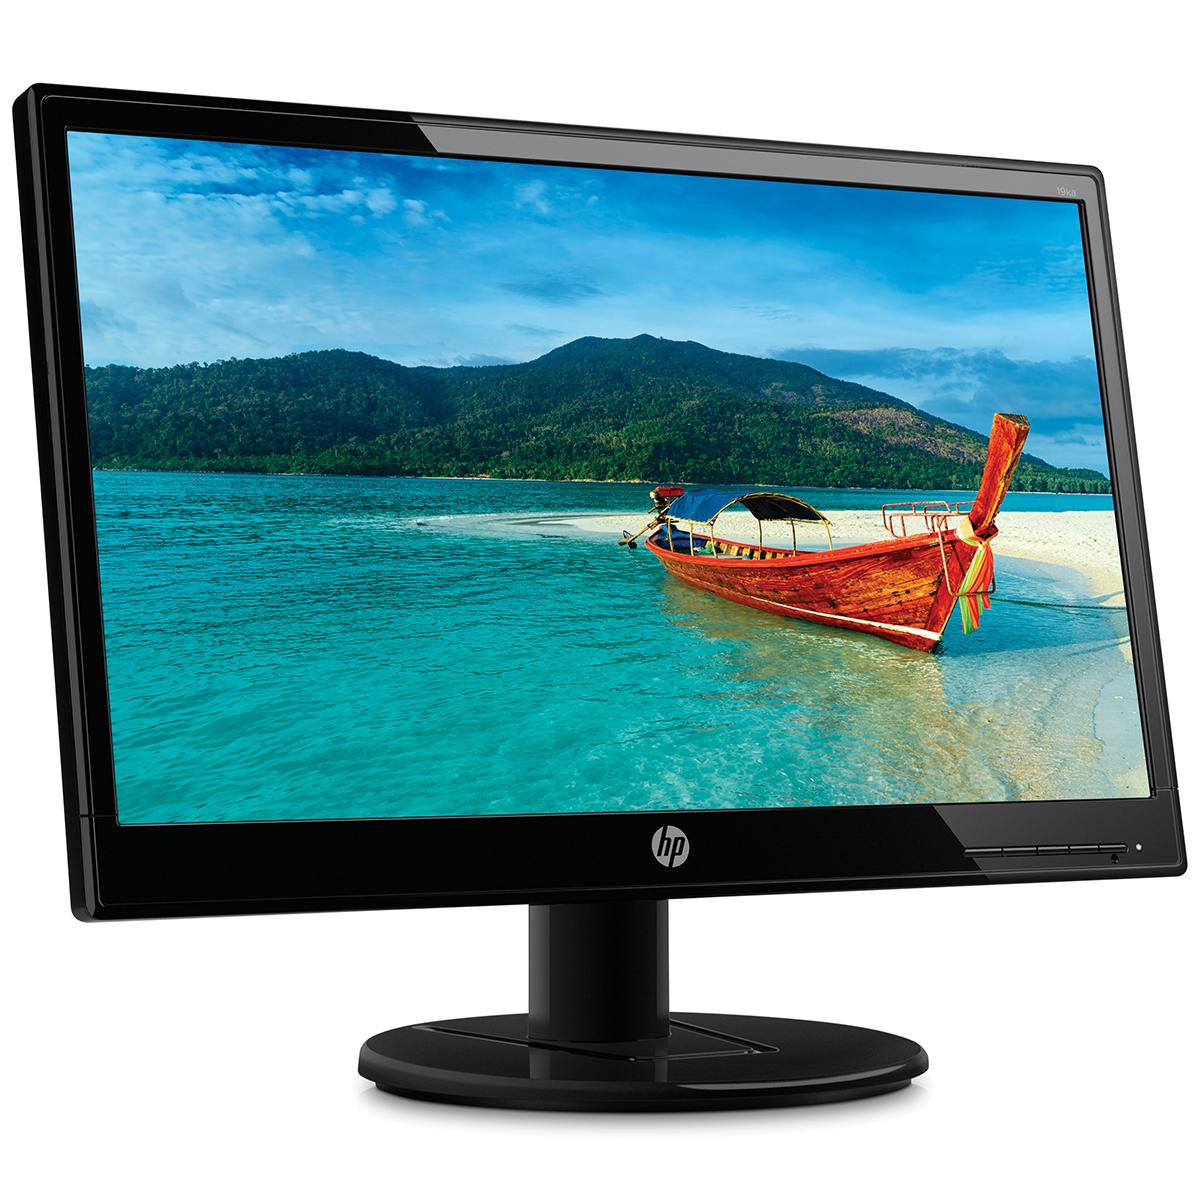 màn hình LCD HP 25 inches 25es T3M83AA